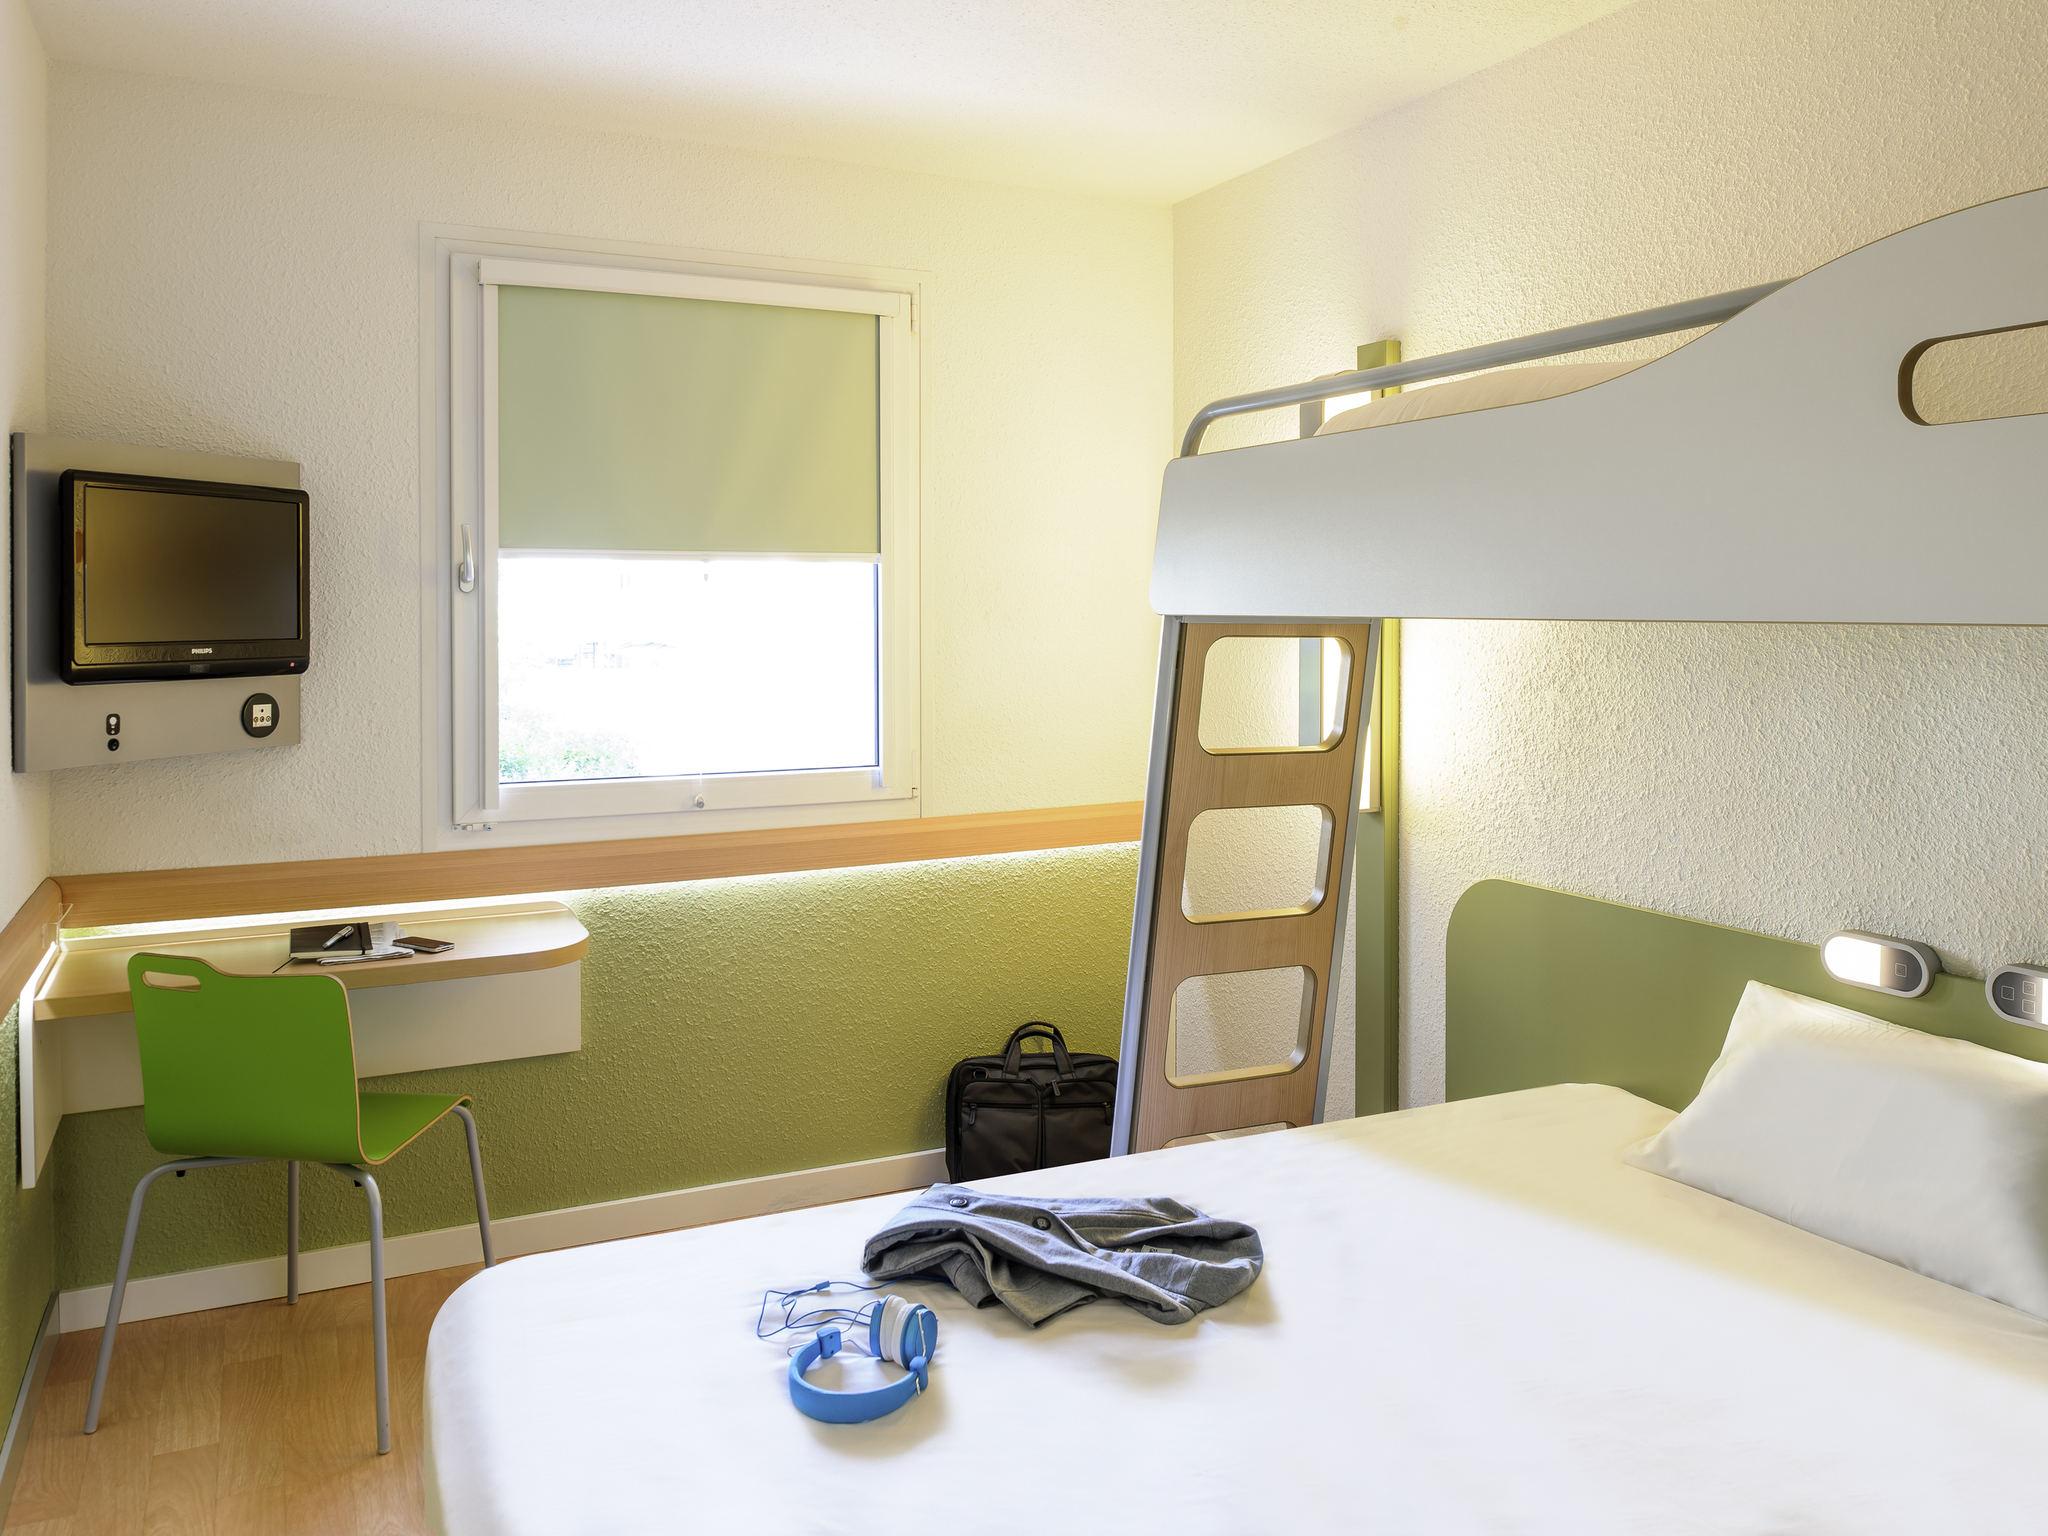 h tel perpignan ibis budget perpignan centre m diterran e. Black Bedroom Furniture Sets. Home Design Ideas